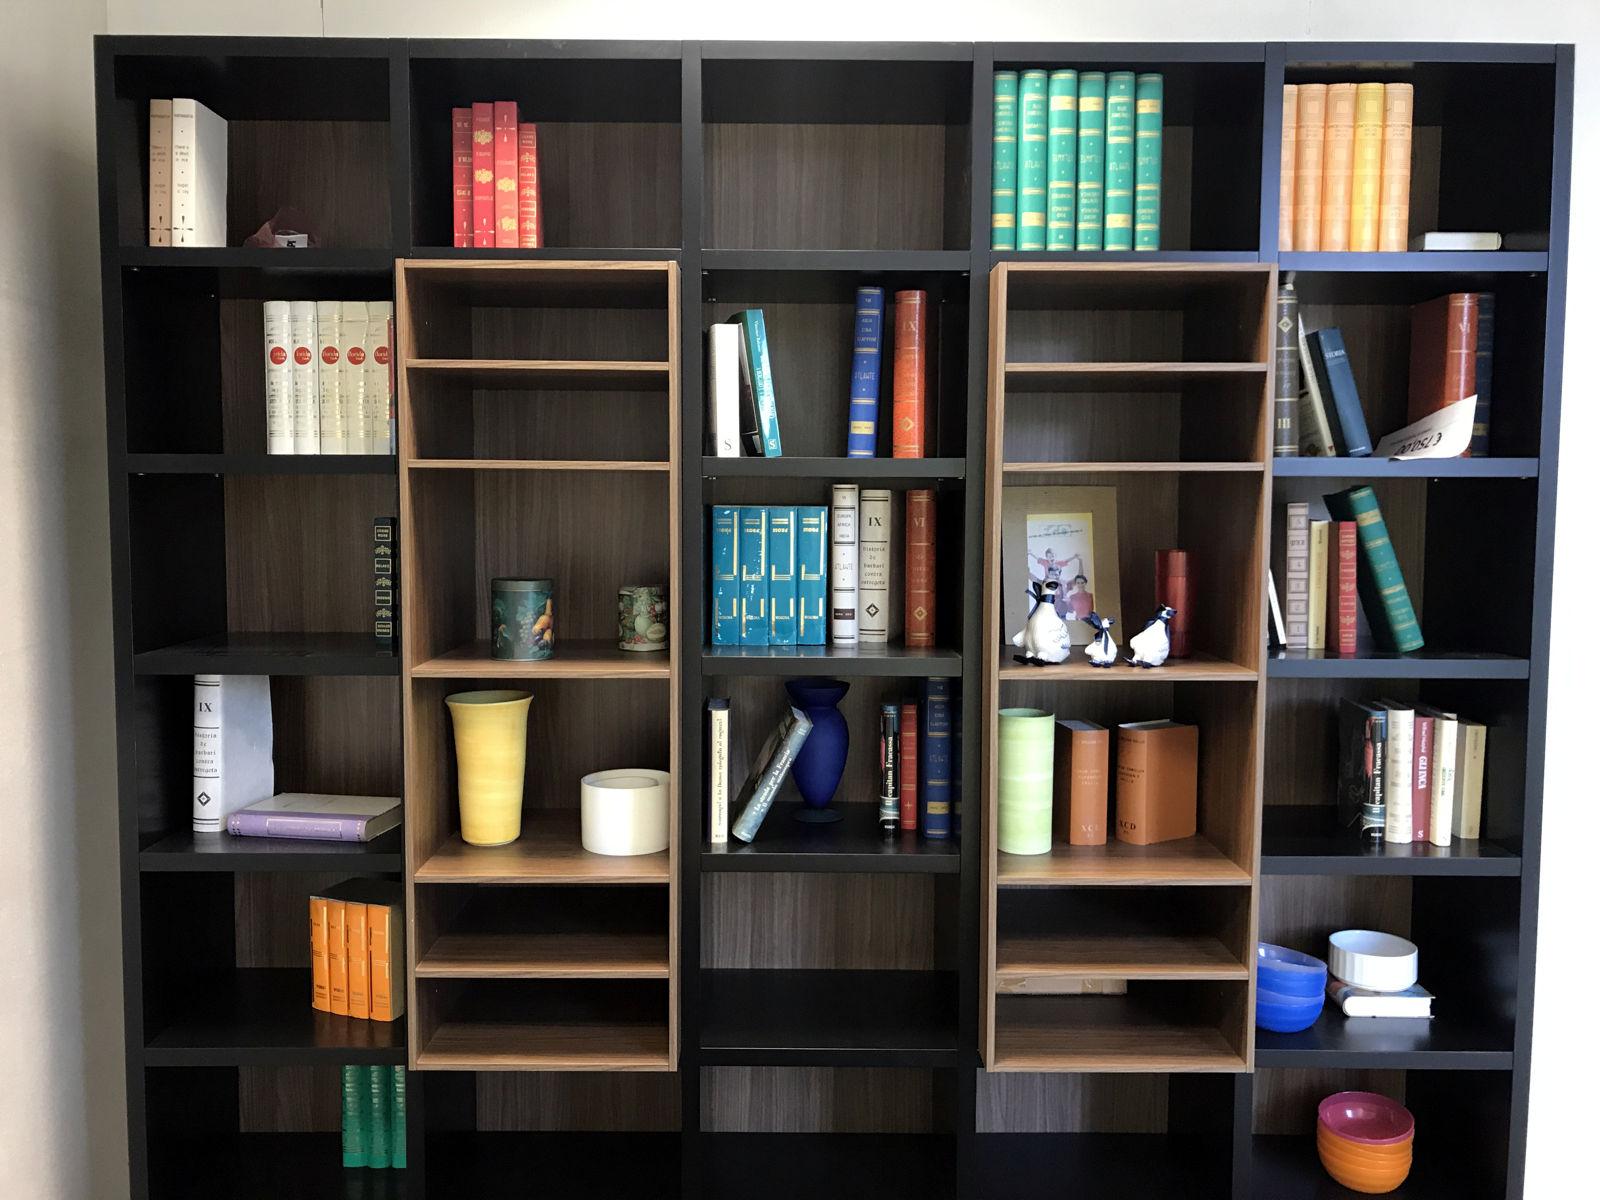 Libreria unica - € 750,00